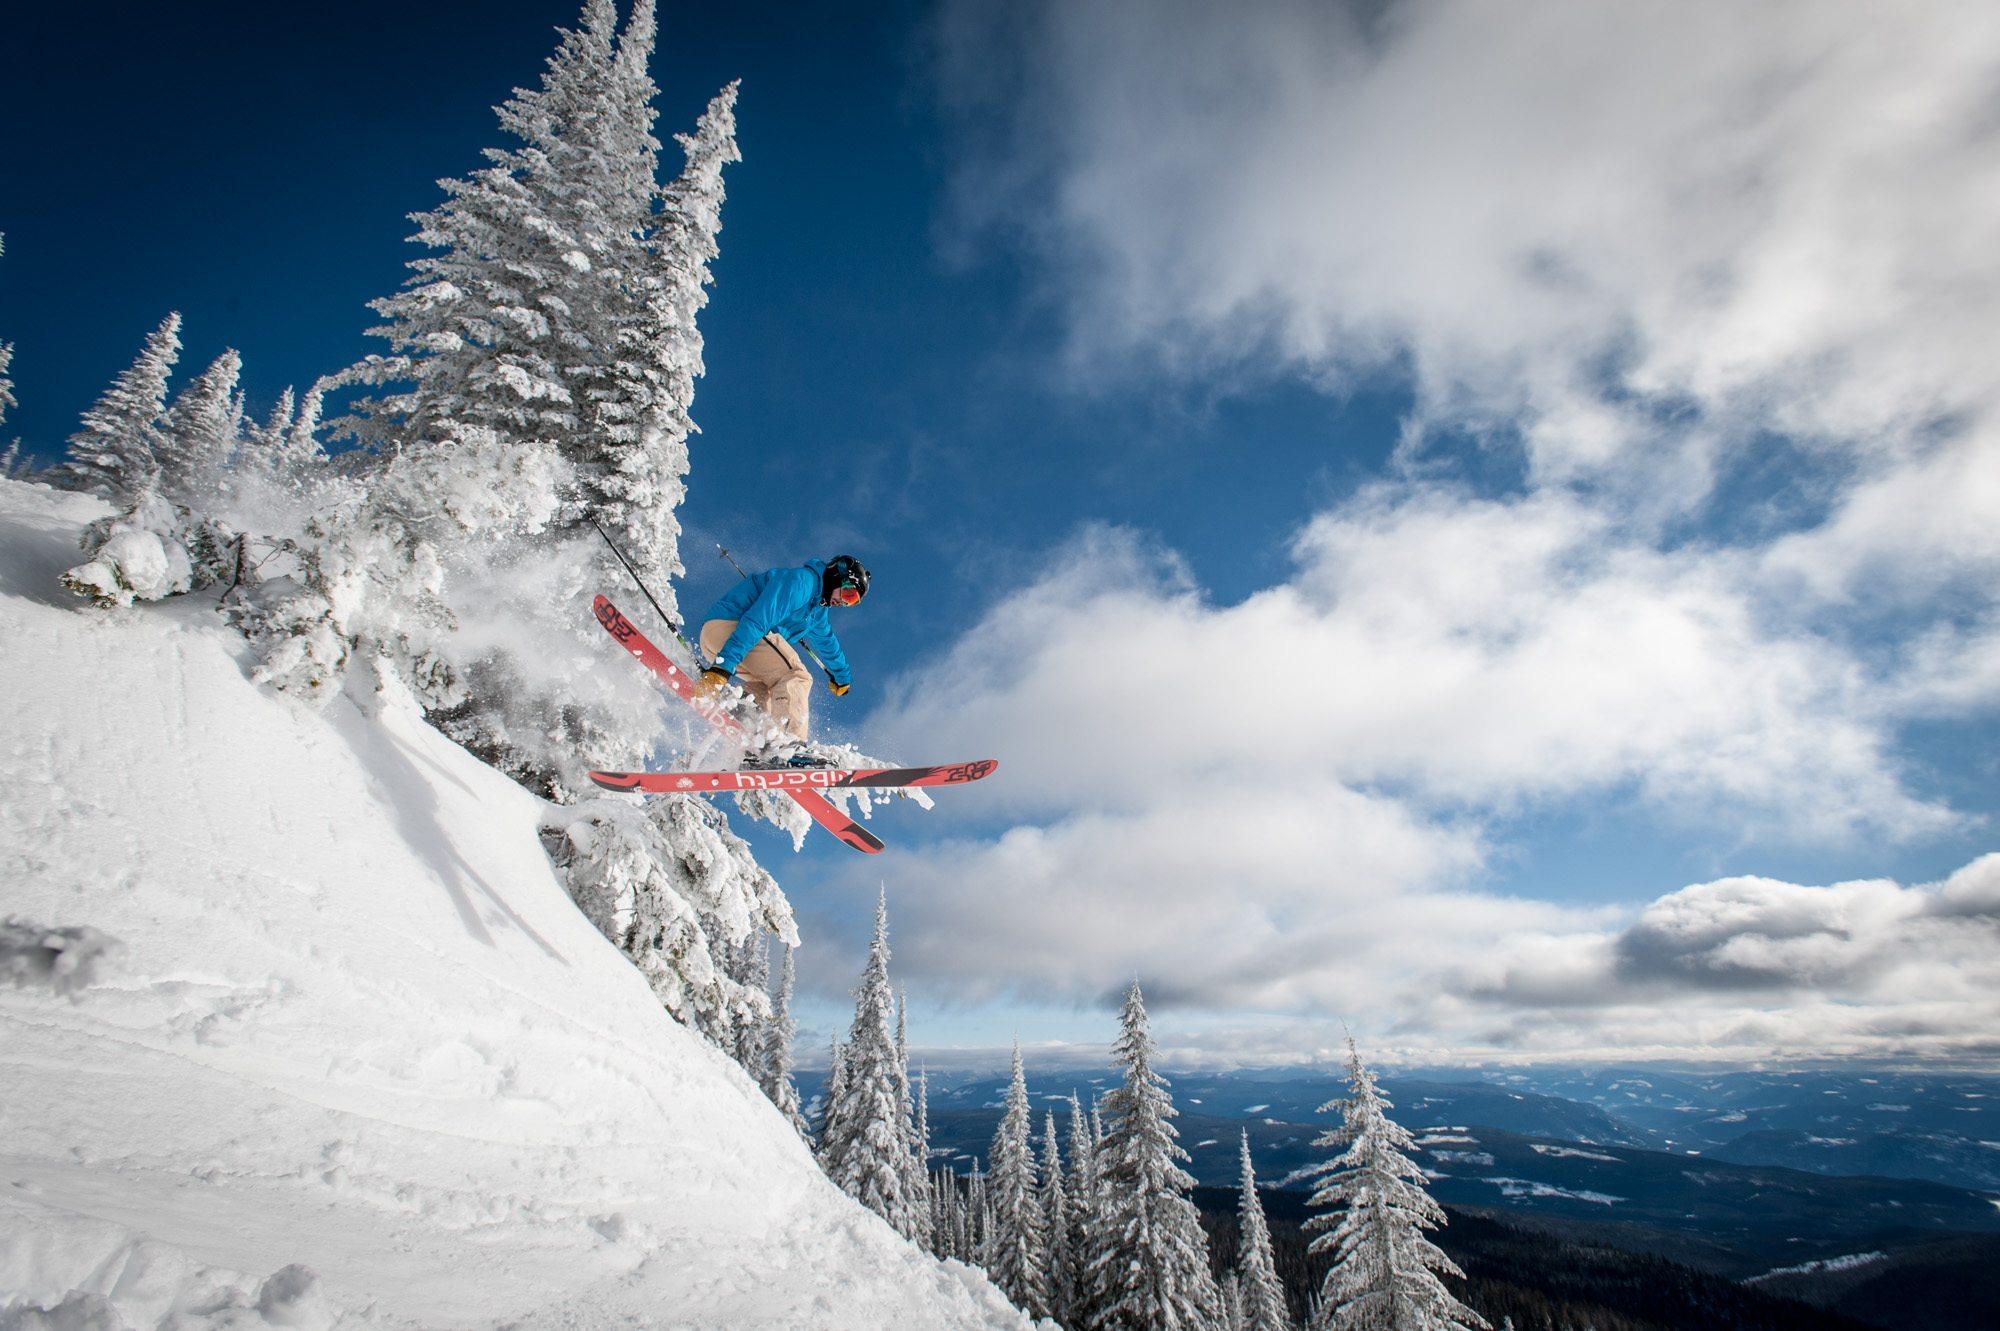 Skiing at SilverStar Mountain Resort